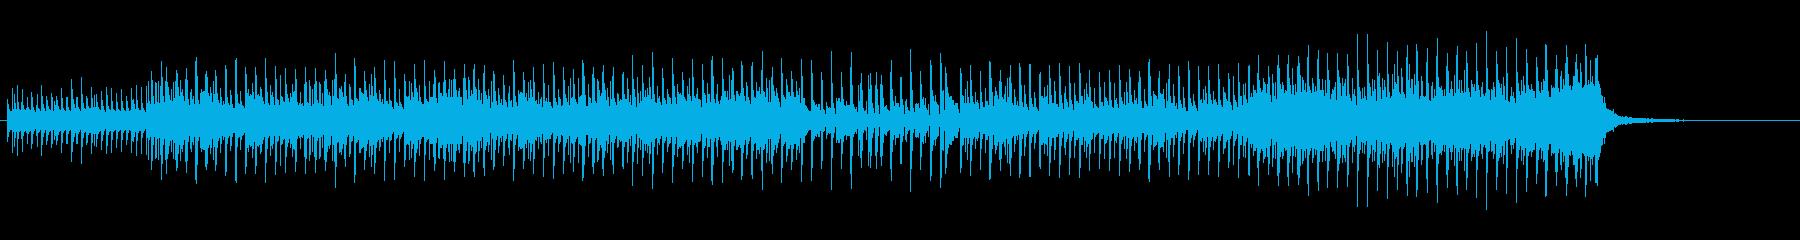 テクノ・マーチ風ポップスの再生済みの波形